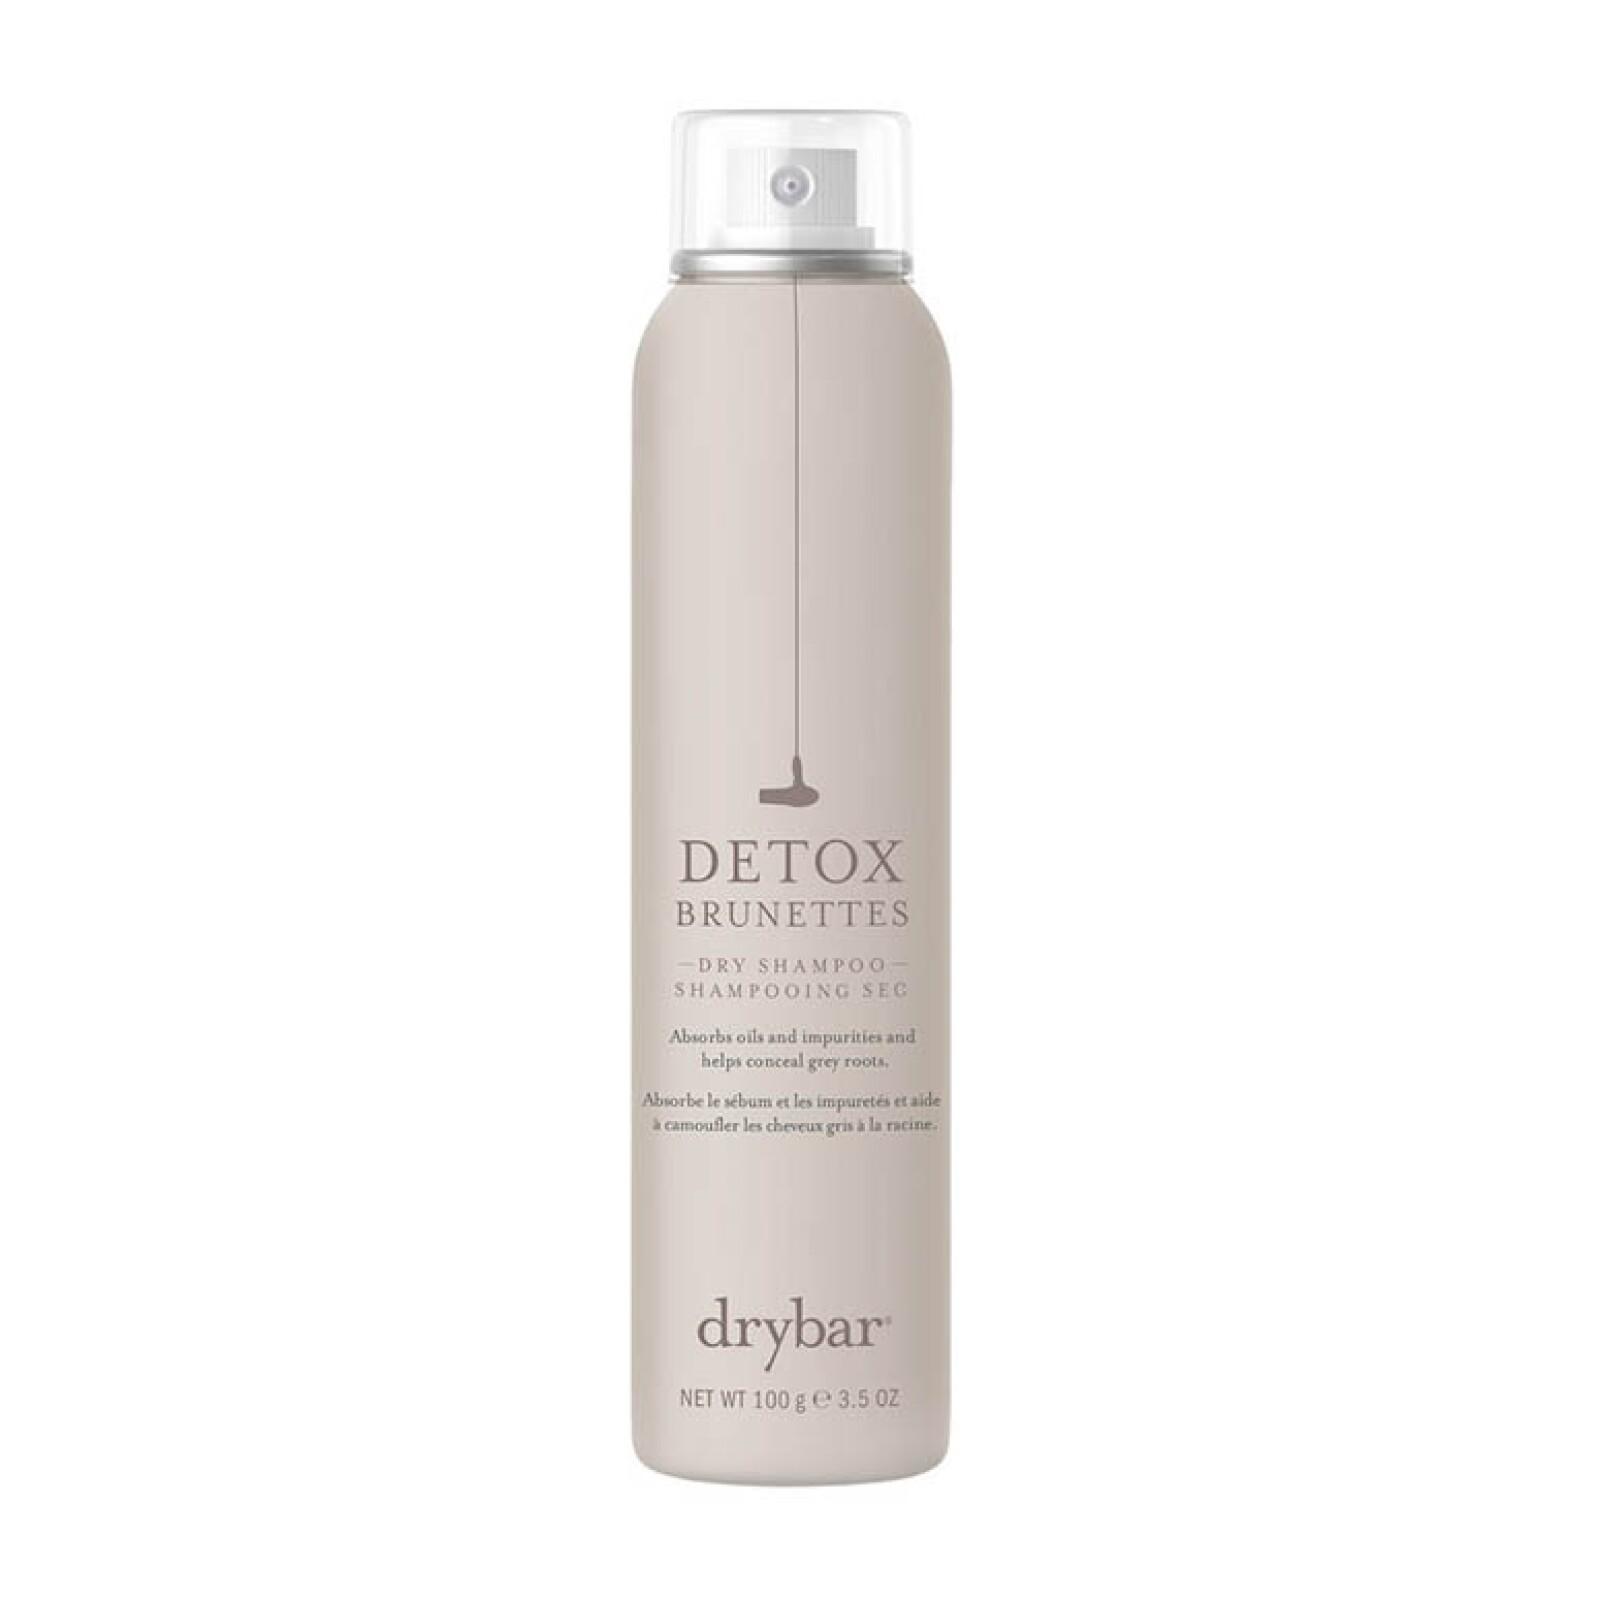 Drybar - Dry Shampoo